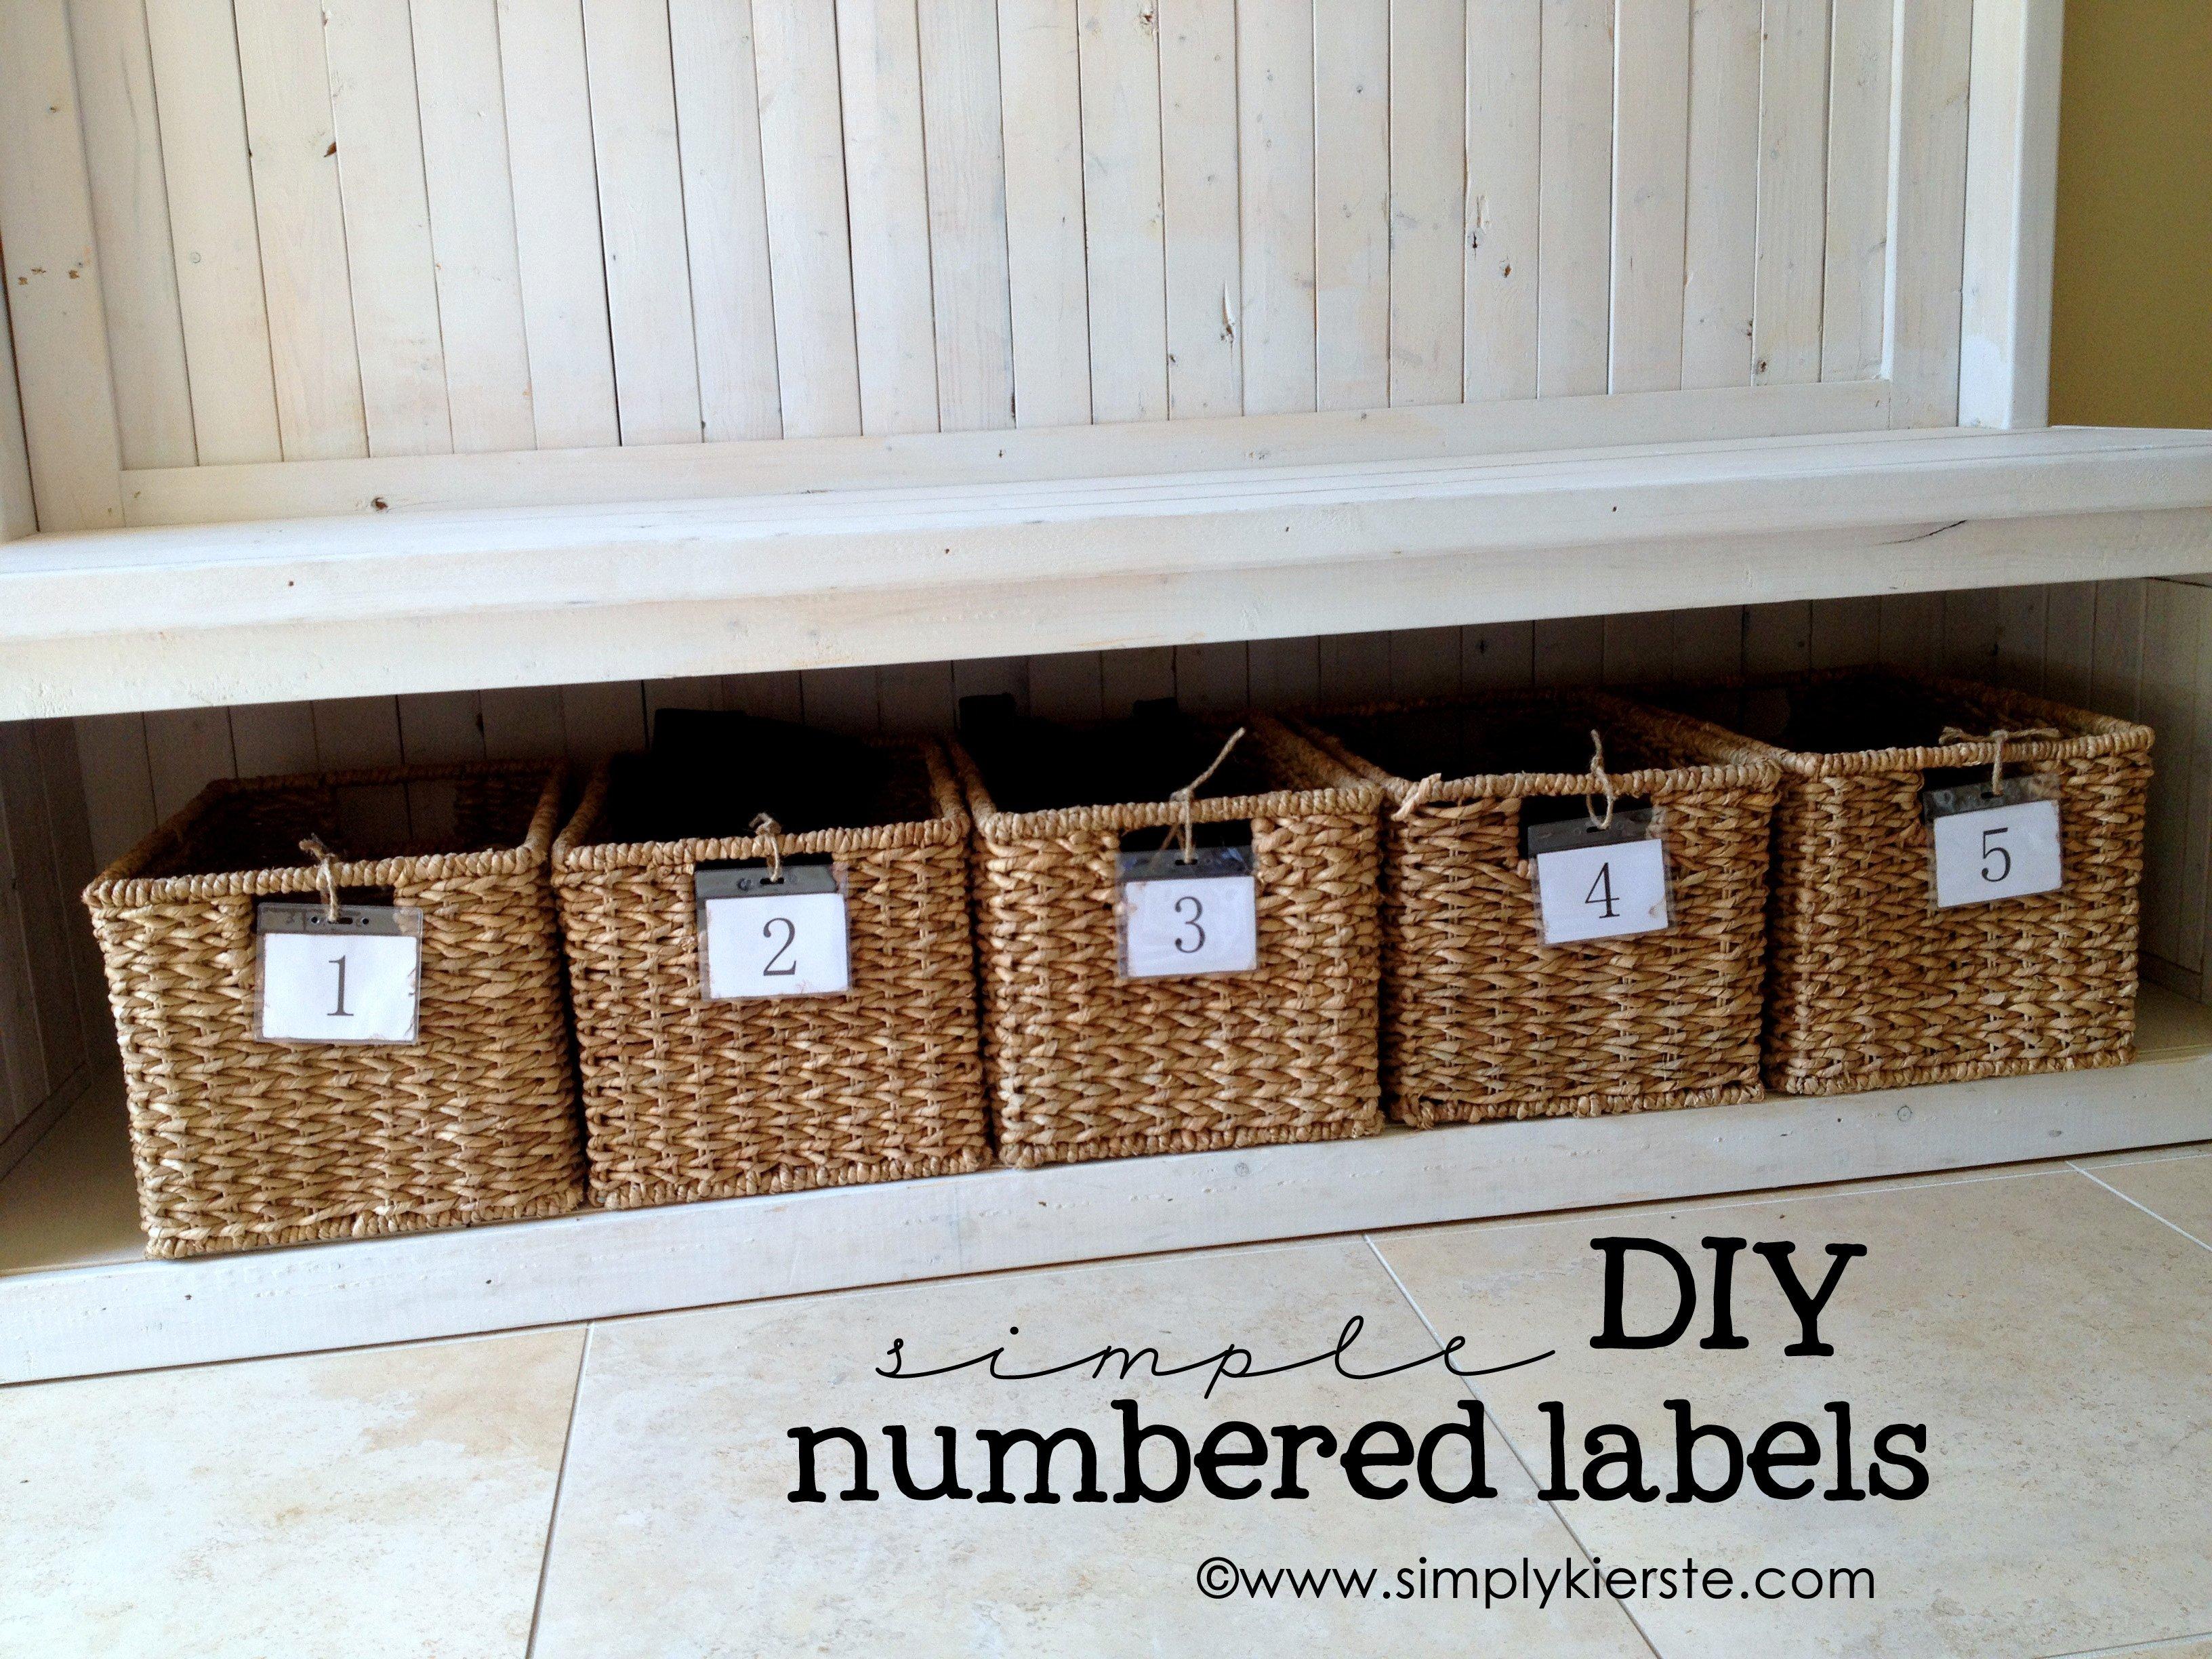 DIY Numbered Labels | simplykierste.com & Simple DIY Numbered Labels